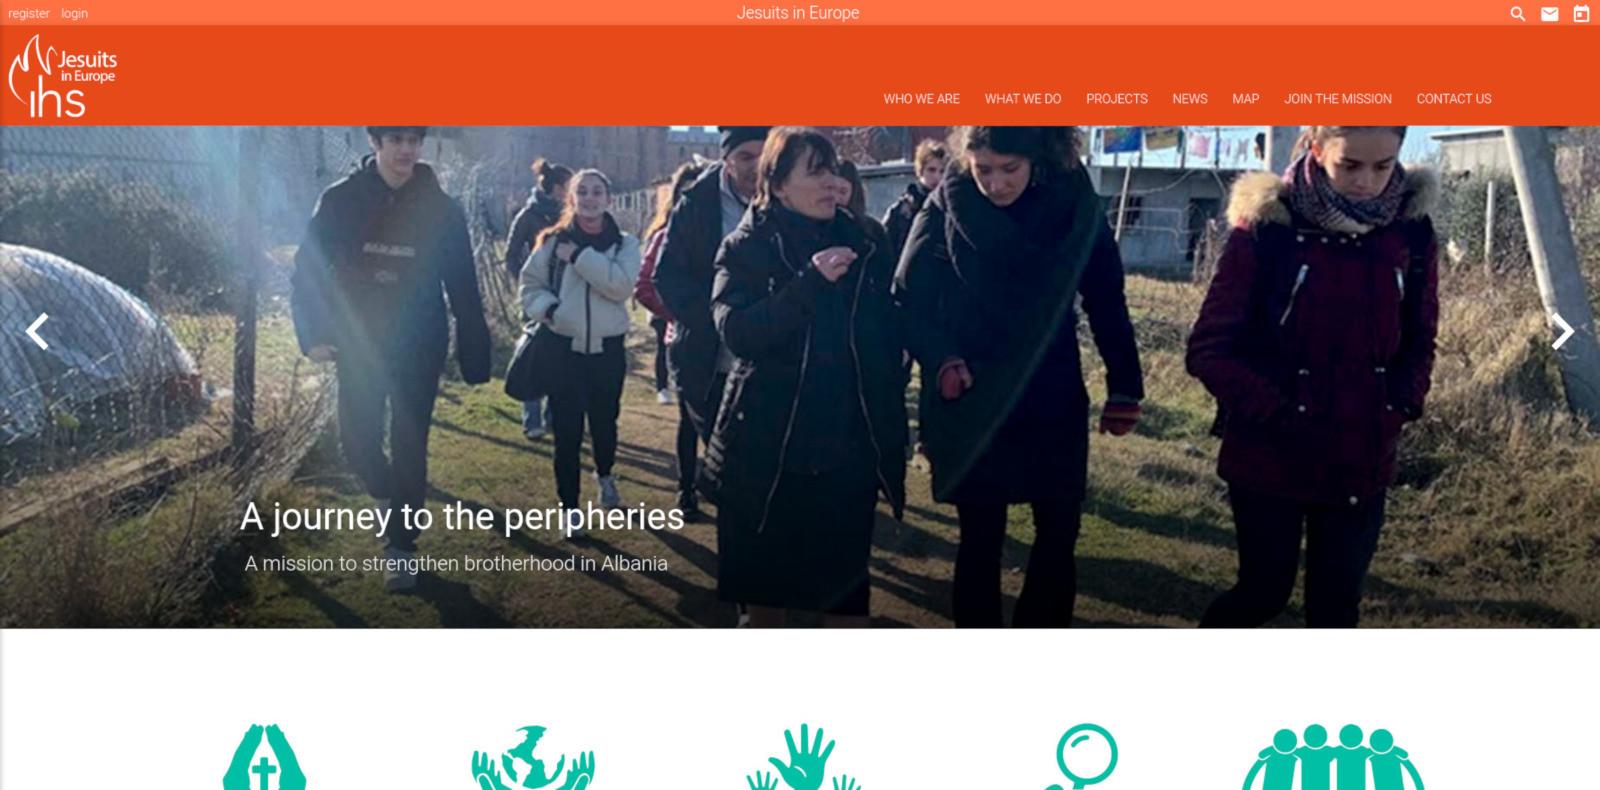 Il sito dei gesuiti in Europa